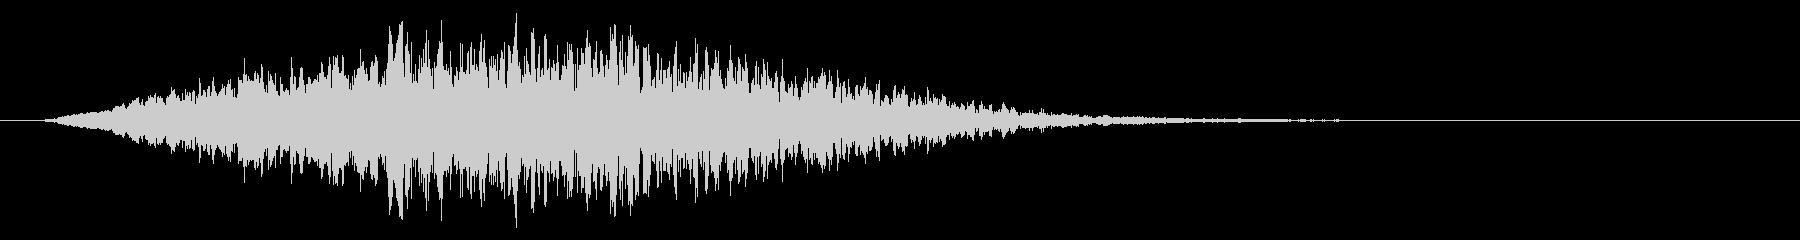 メカやロボの起動音「ブーン!」9の未再生の波形